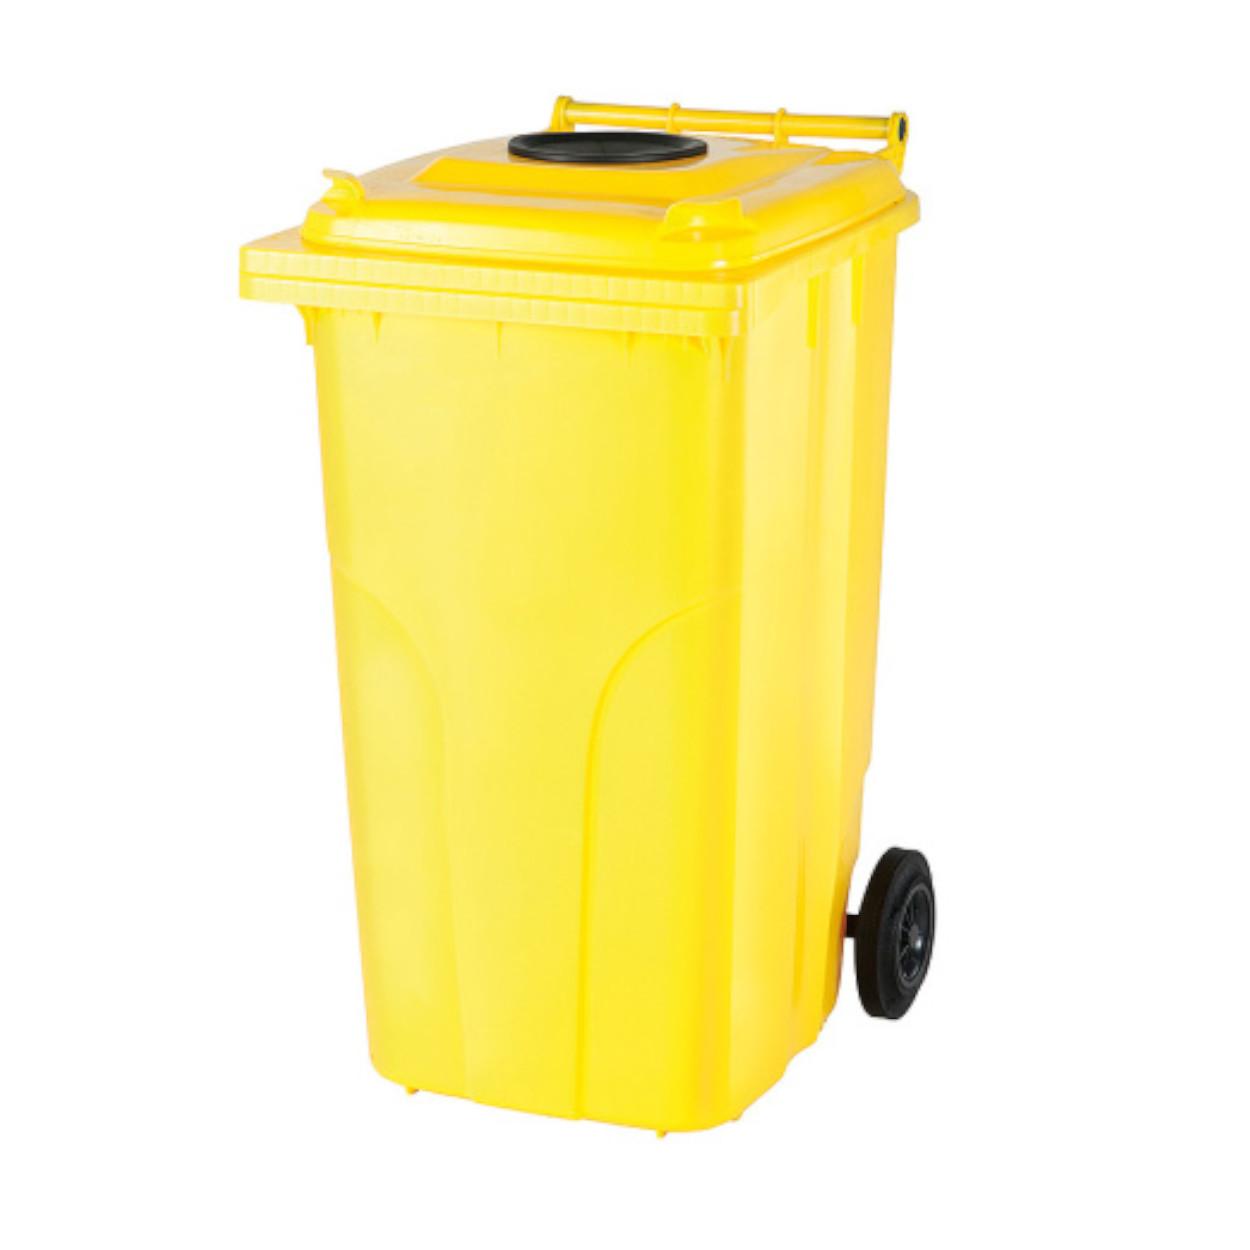 Plastová nádoba s kolečky pro sběr plastů